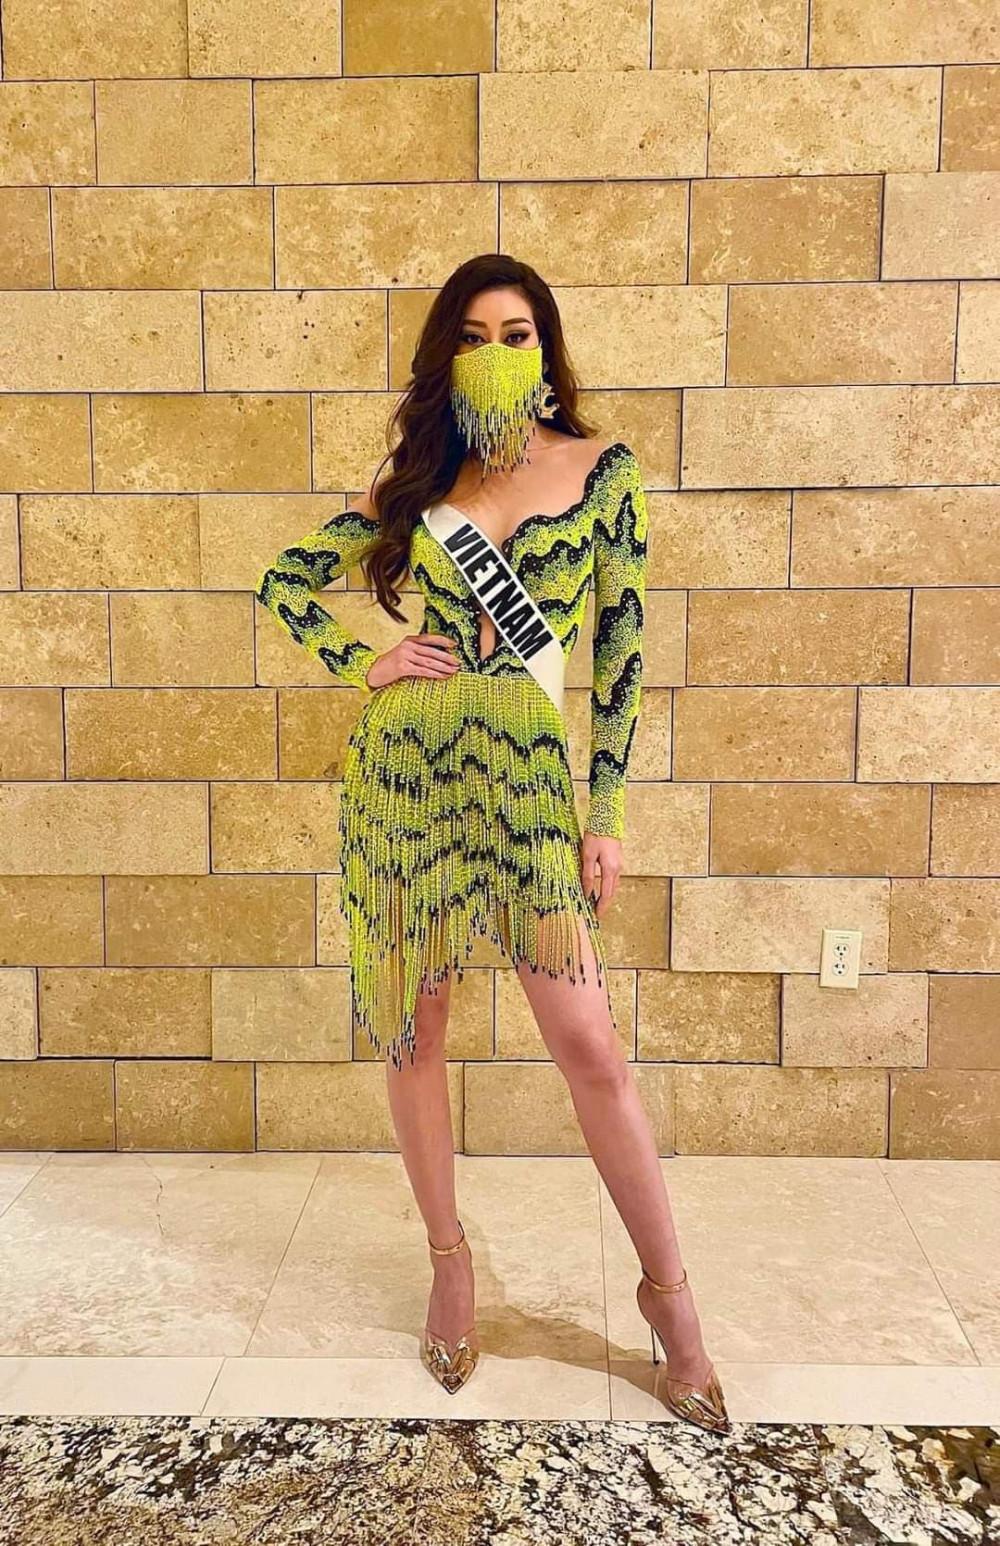 Người đẹp mang khẩu trang được thực hiện đồng bộ với trang phục.